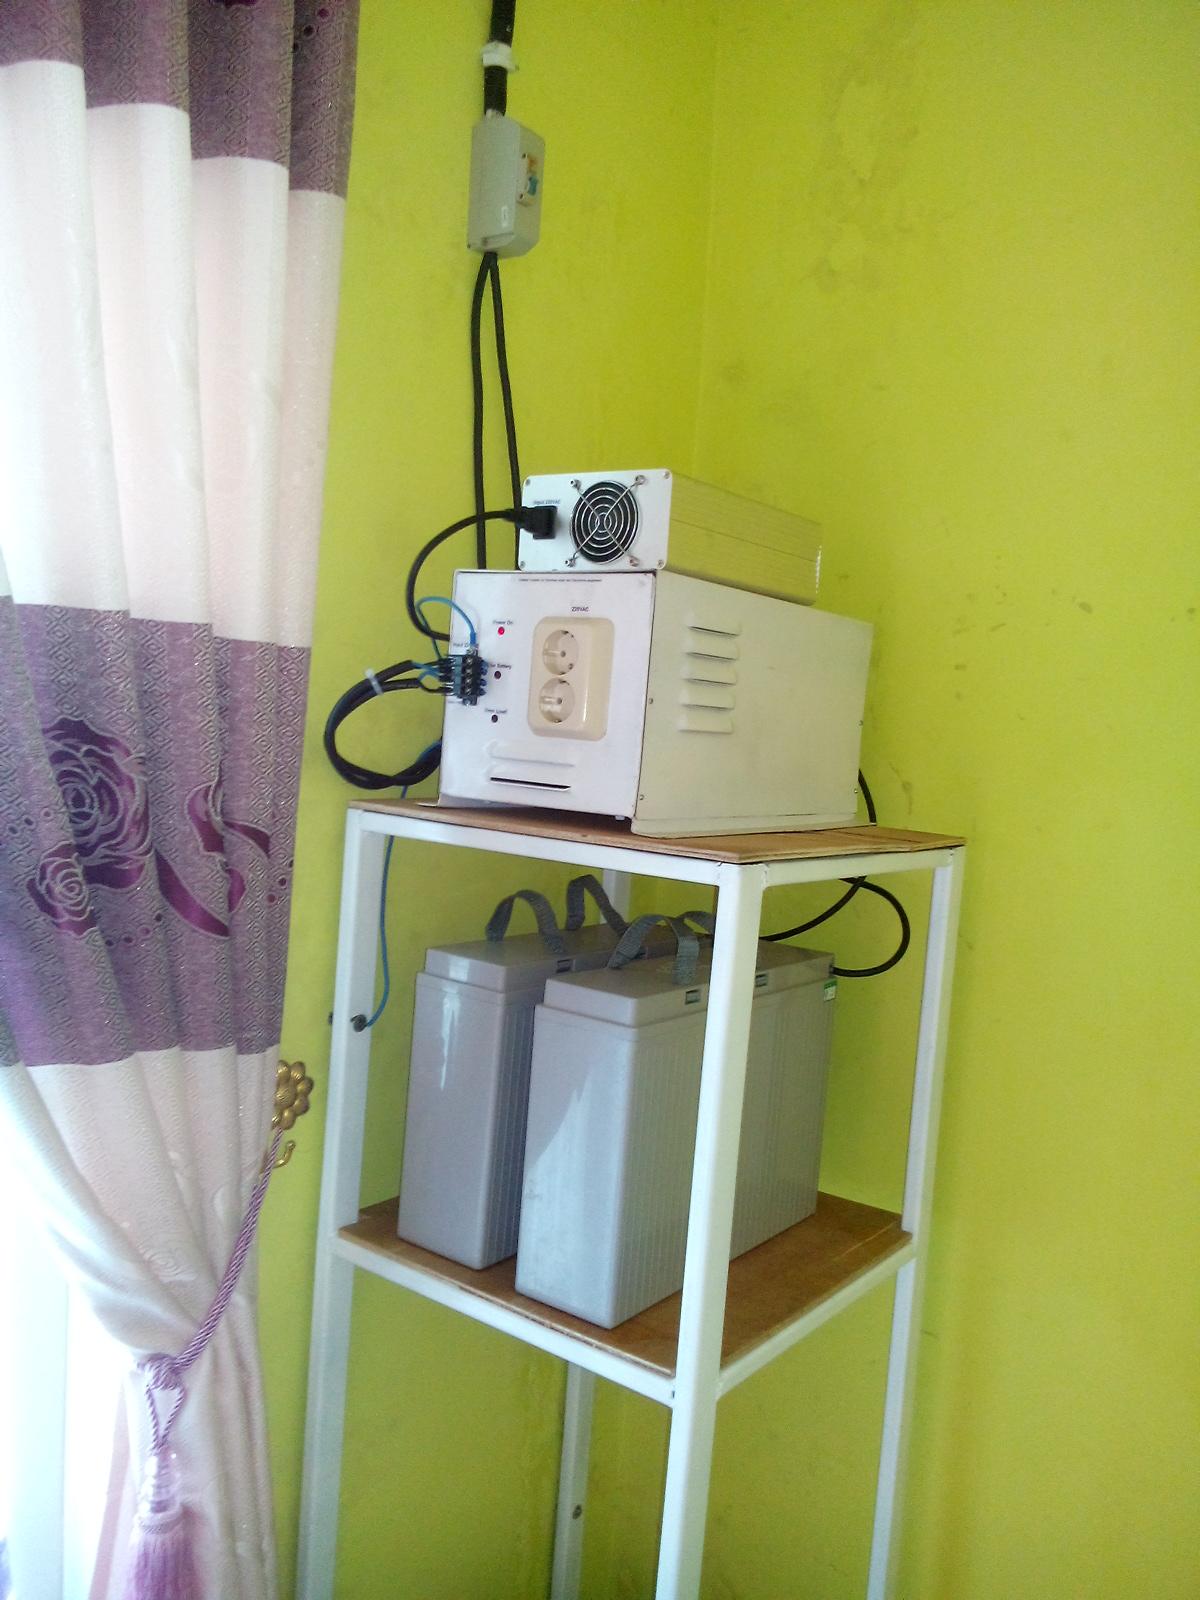 Inverter Handal Ac Rumah Pasang Di Mobil Inverter Handal